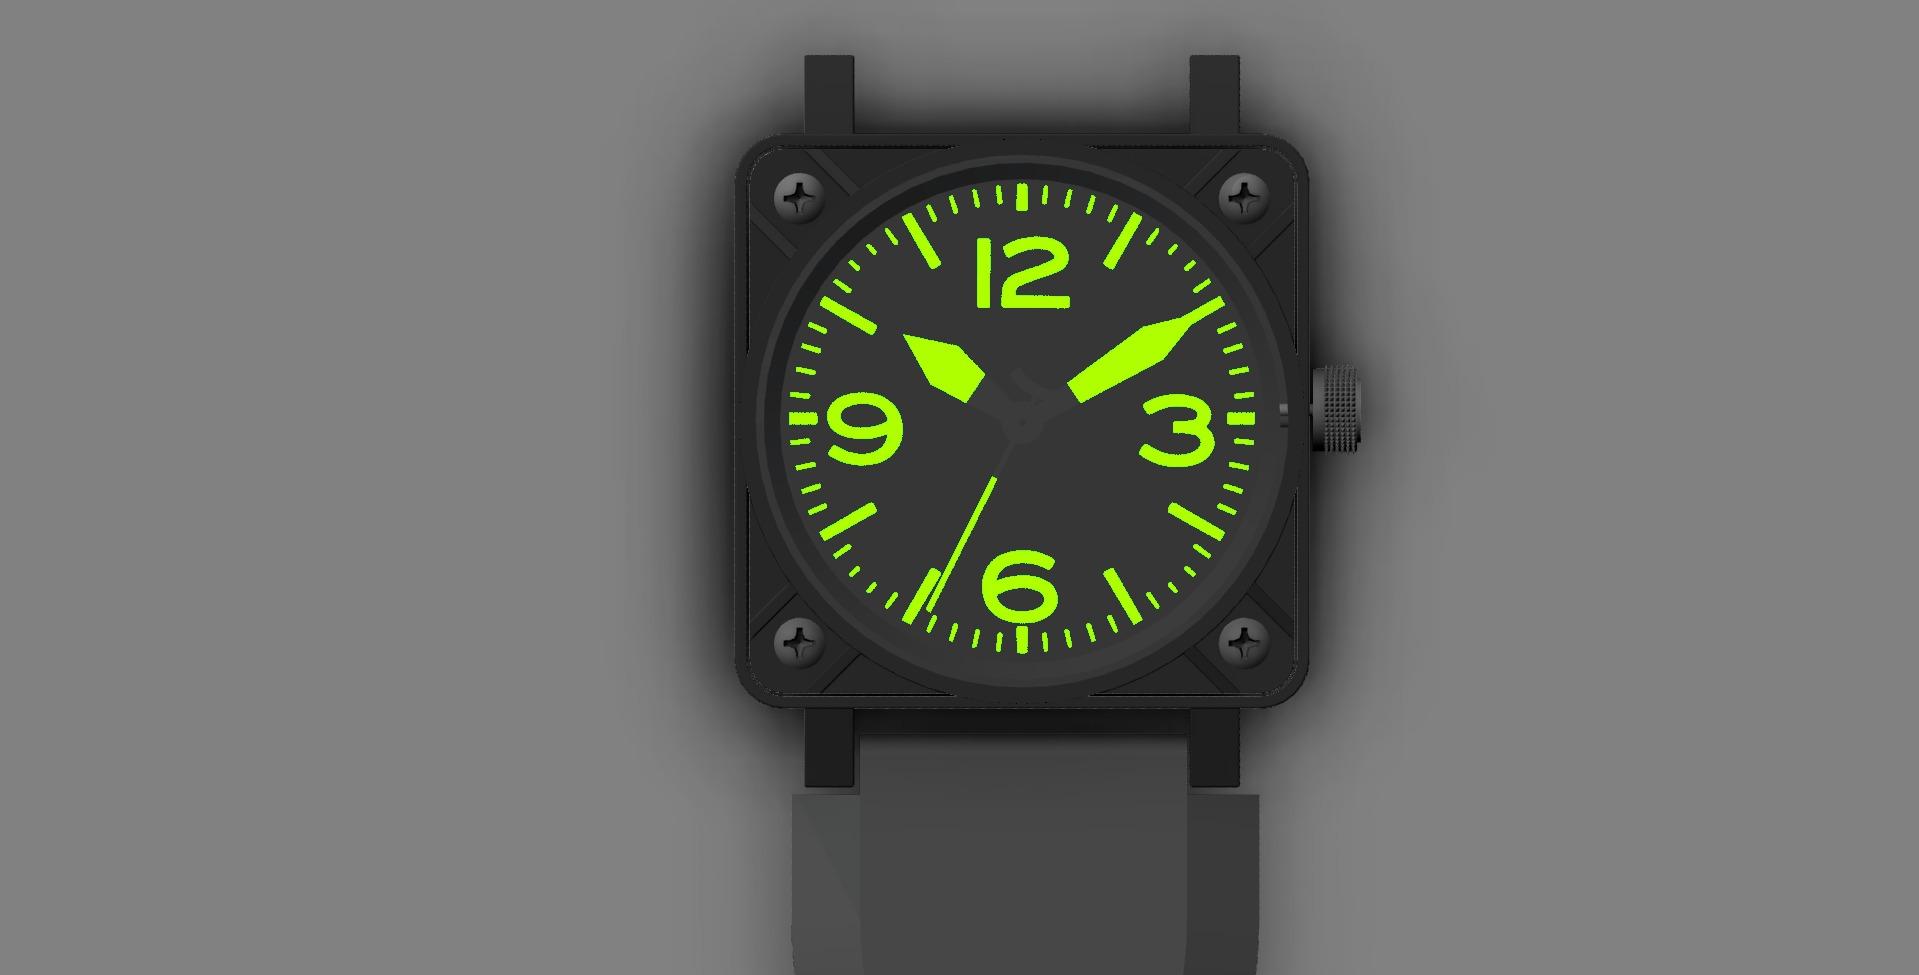 Replica_watch_assembled_top_black